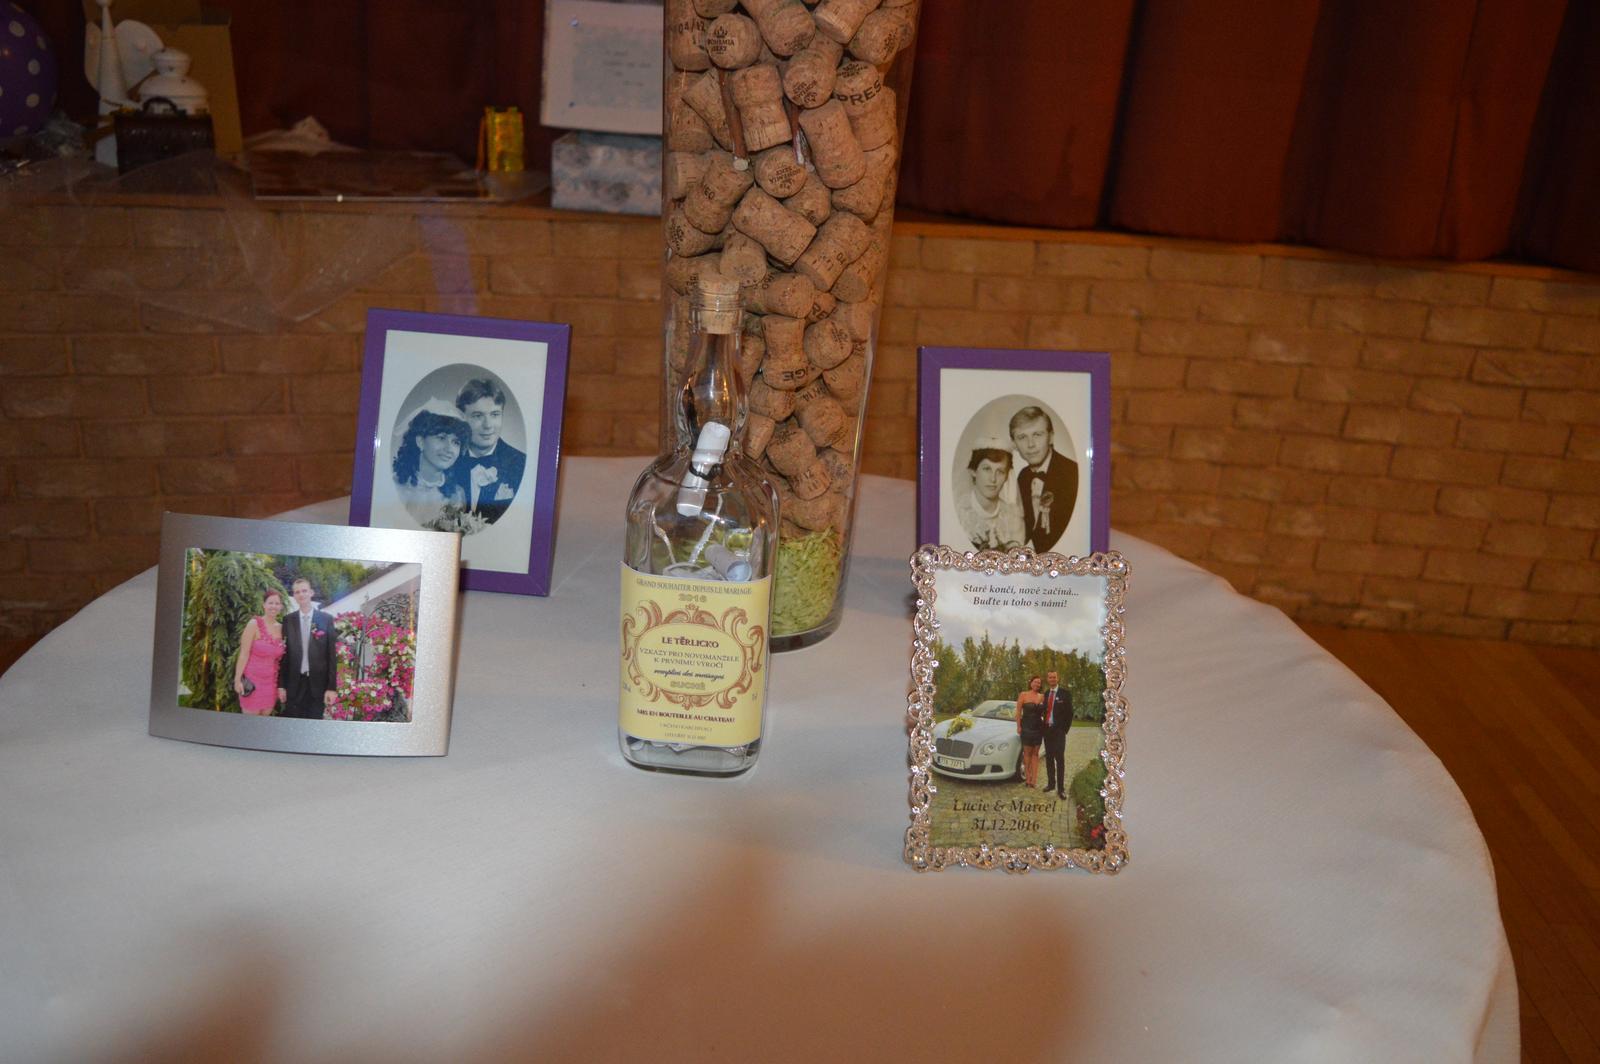 Lucie{{_AND_}}Marcel - Fotky rodičů ve svatební den, a taky 2 naše :) Uprostřed láhev se vzkazy, které si přečteme na 1.výročí :)